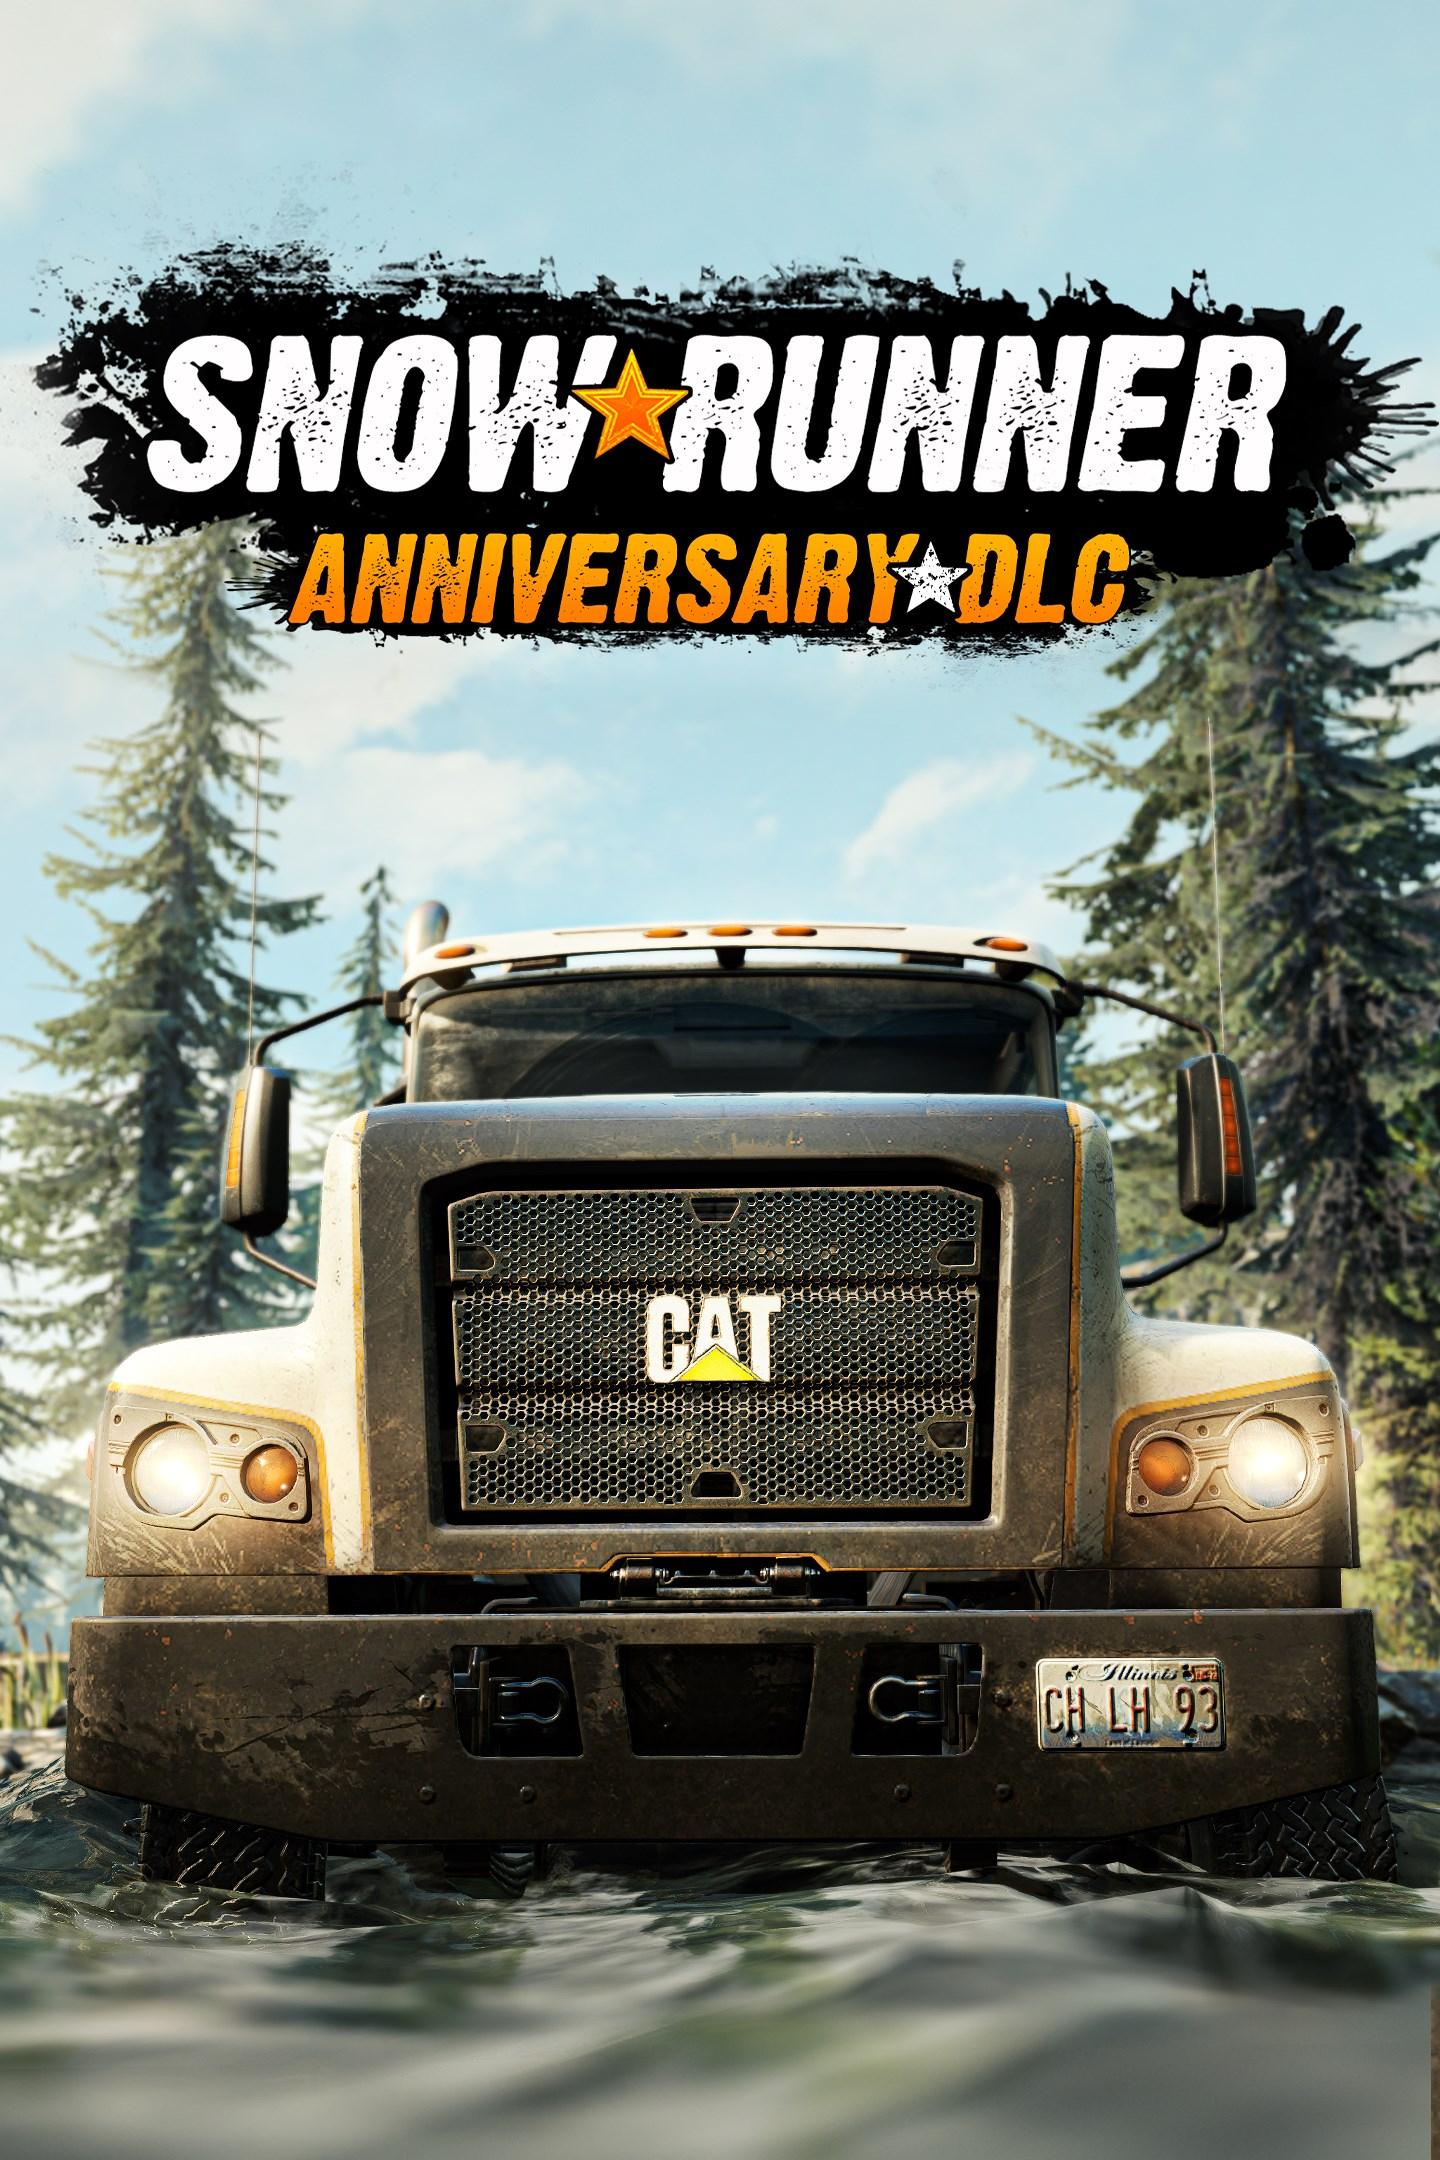 SnowRunner - Anniversary DLC Xbox Free at Microsoft Store